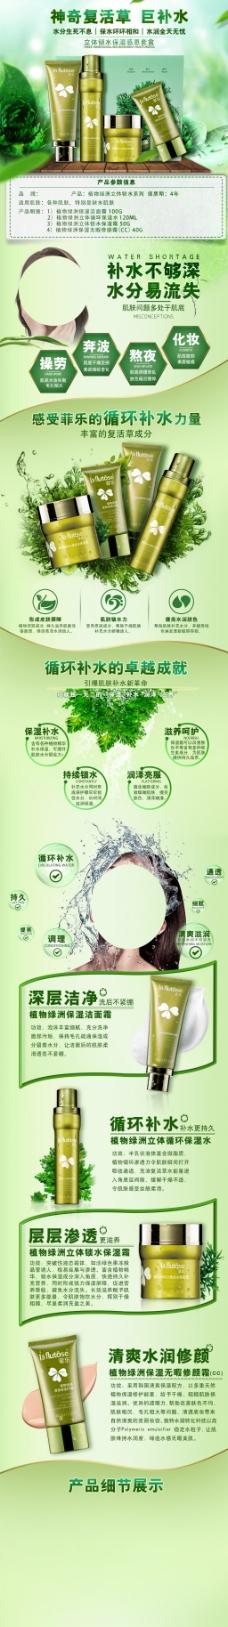 天猫京东淘宝高端植物系列护肤品化妆品详情页